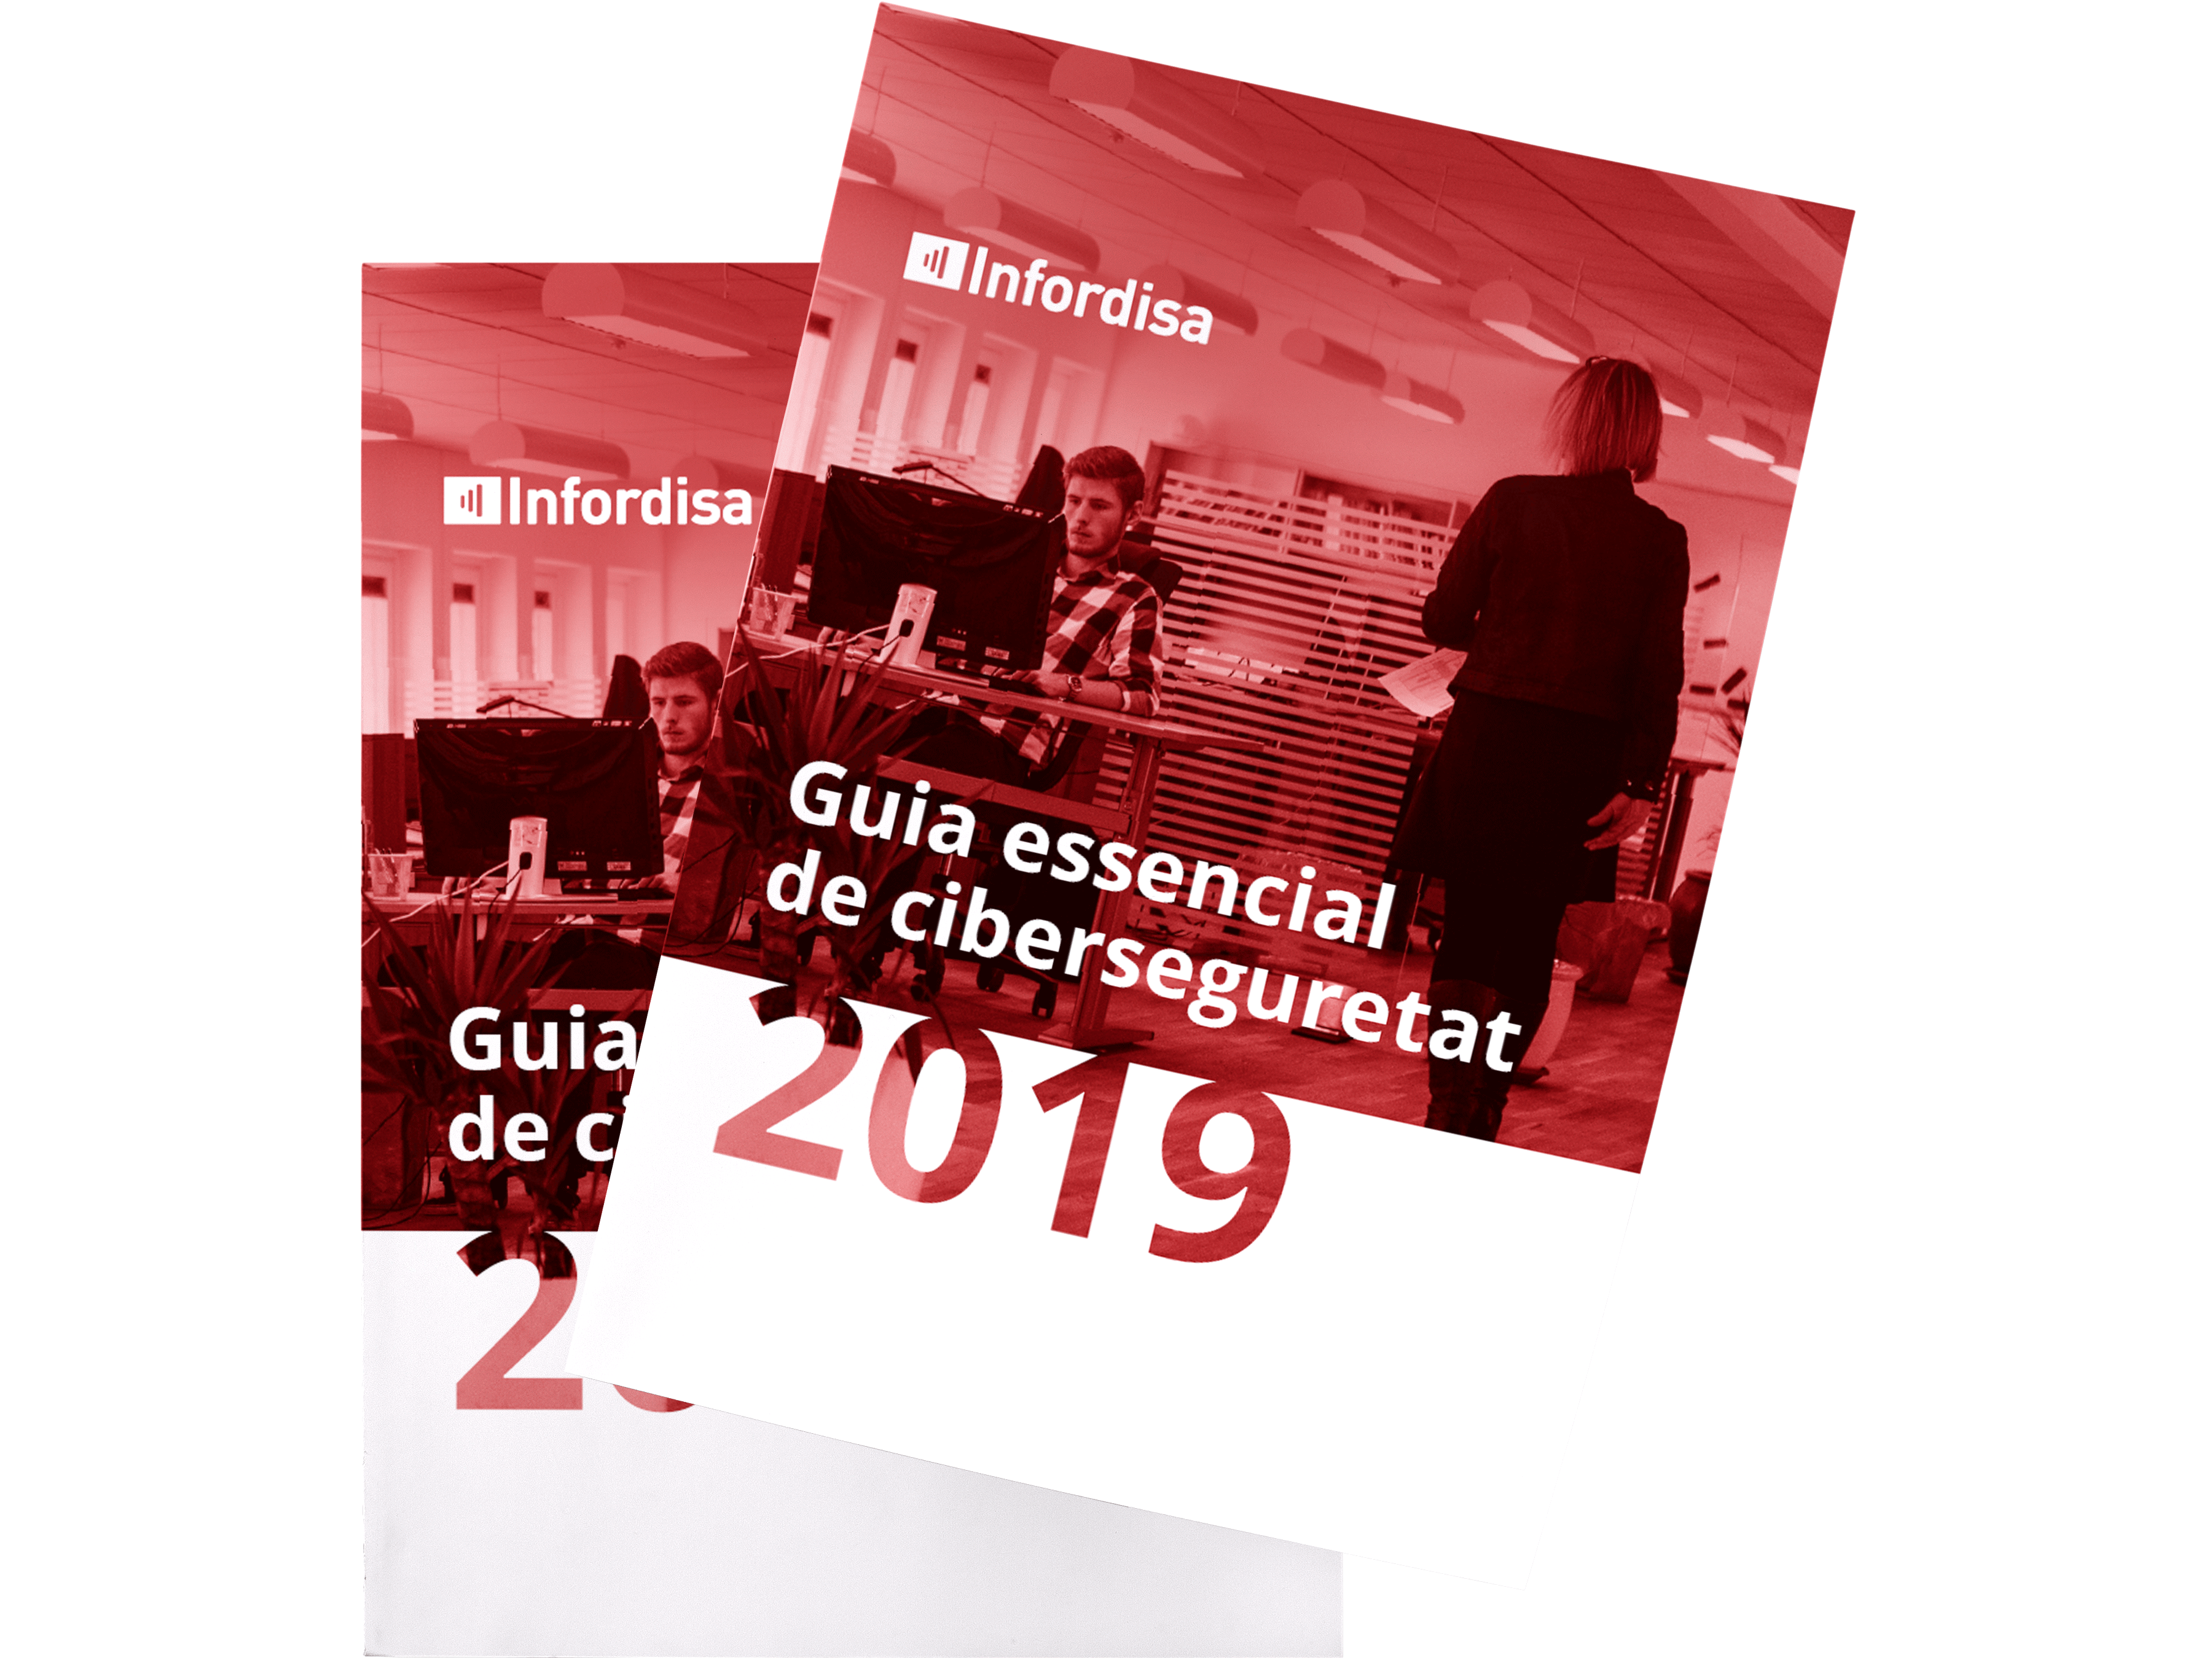 Guia essencial ciberseguretat 2019